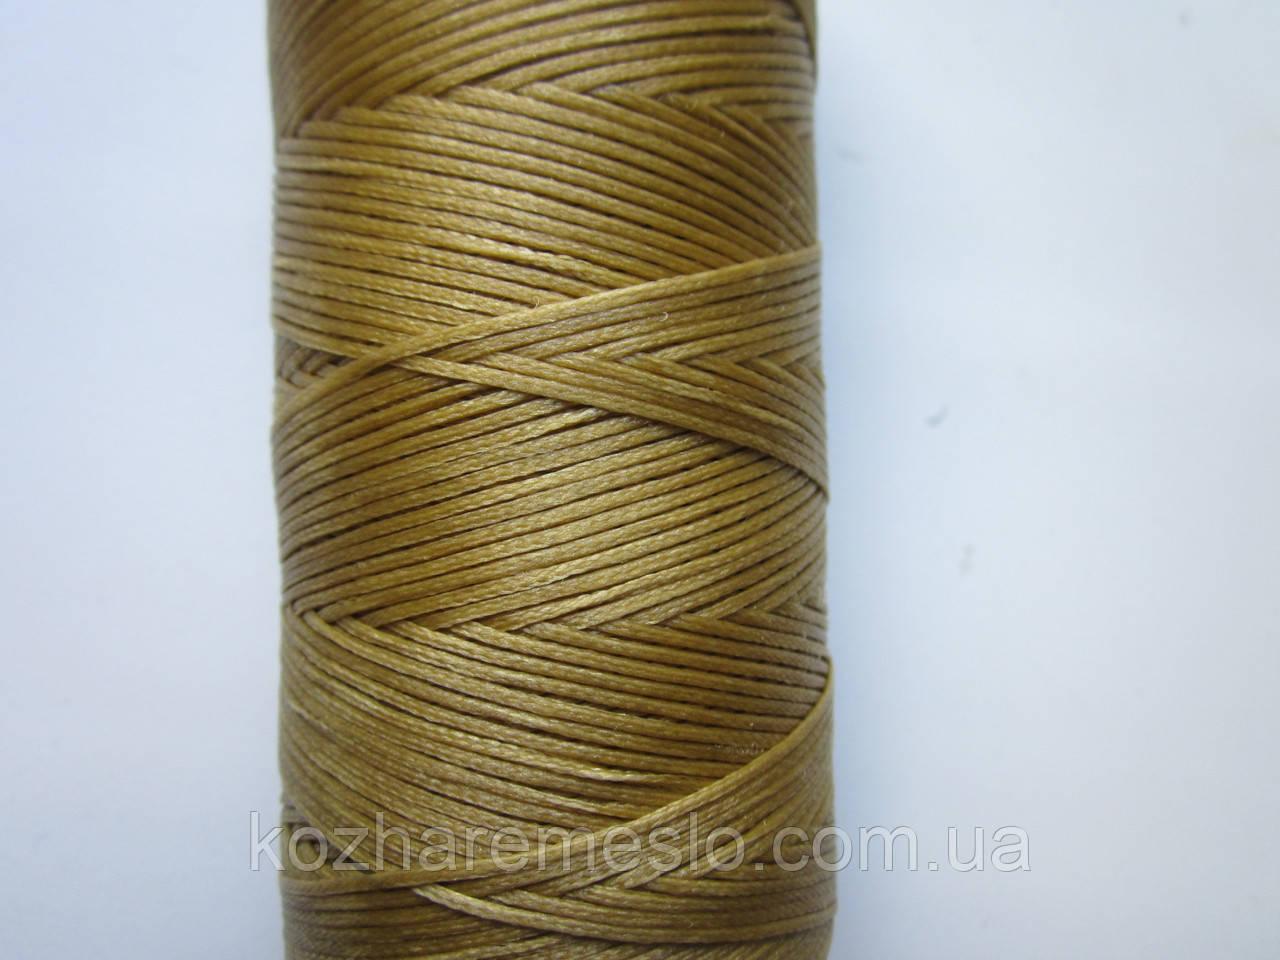 Нить вощёная плоская 0,8 мм светло-коричневая